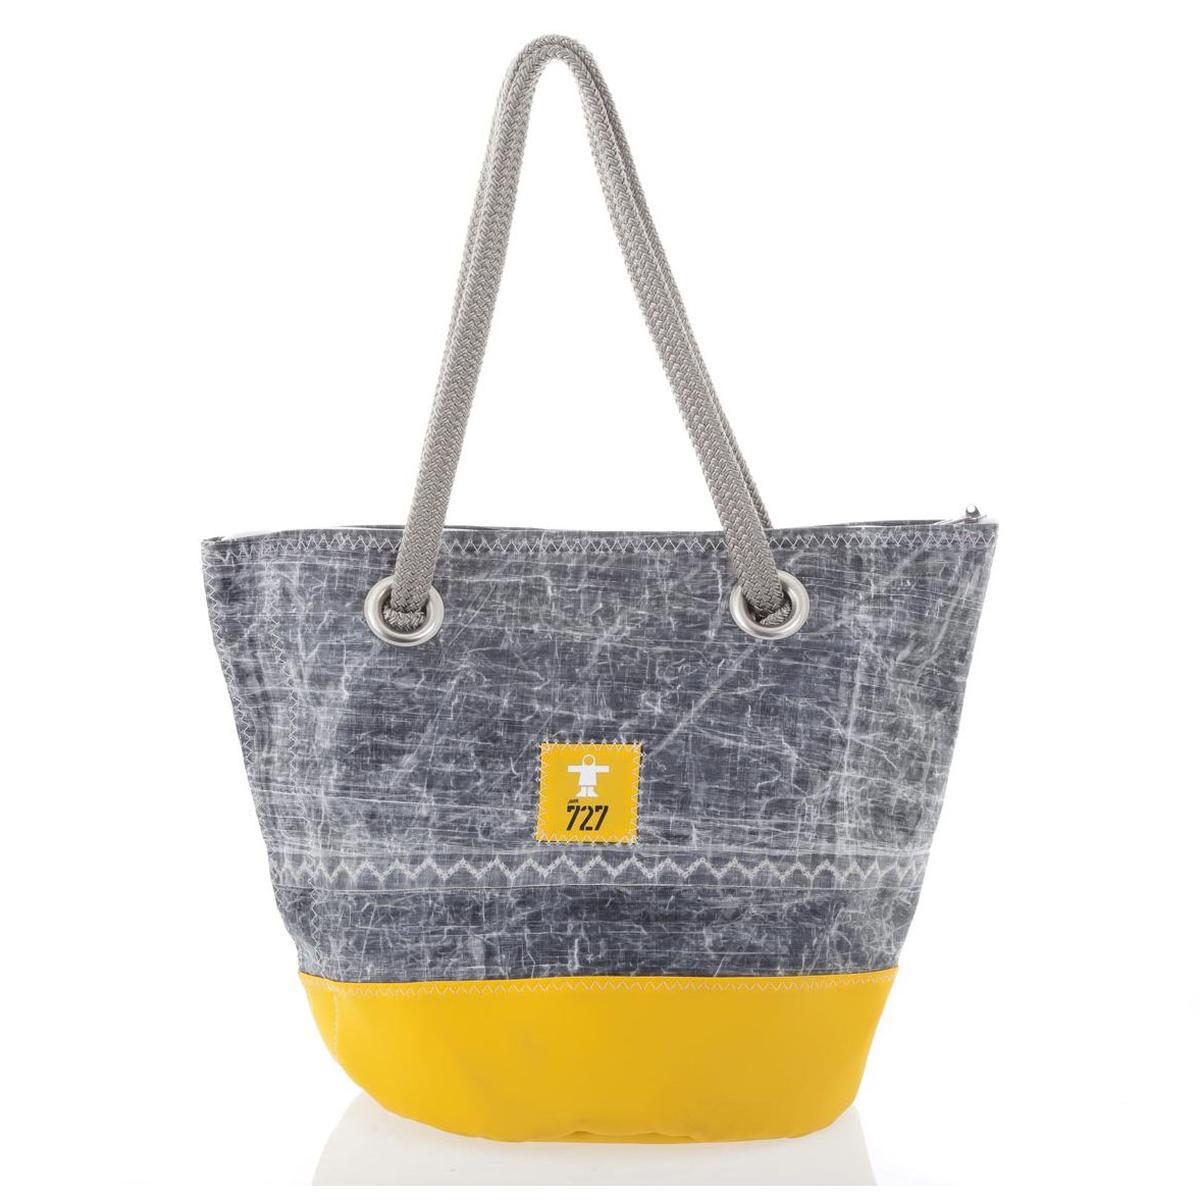 Sandy Tasche Guy Cotten - Tech  gelb mit Nr 5 grau Rückseite